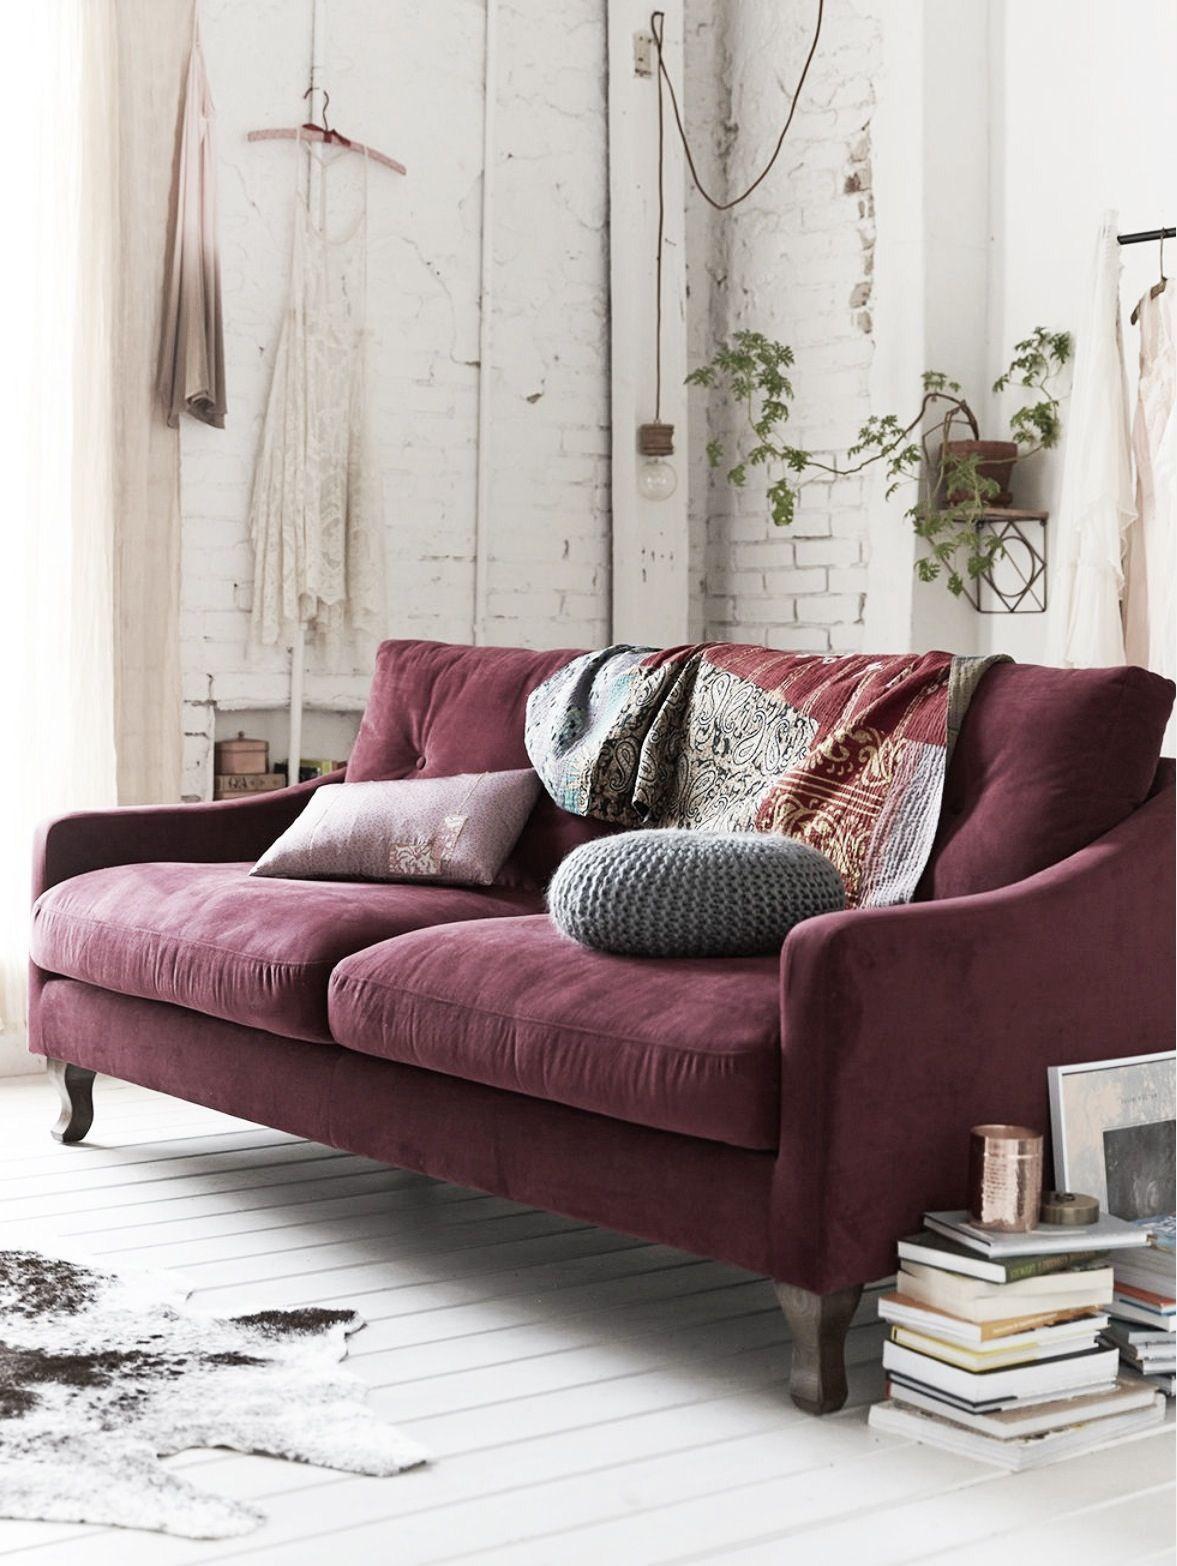 Epingle Par Marie Claire Sur Home Sweet Home Avec Images Deco Maison Deco Idee Deco